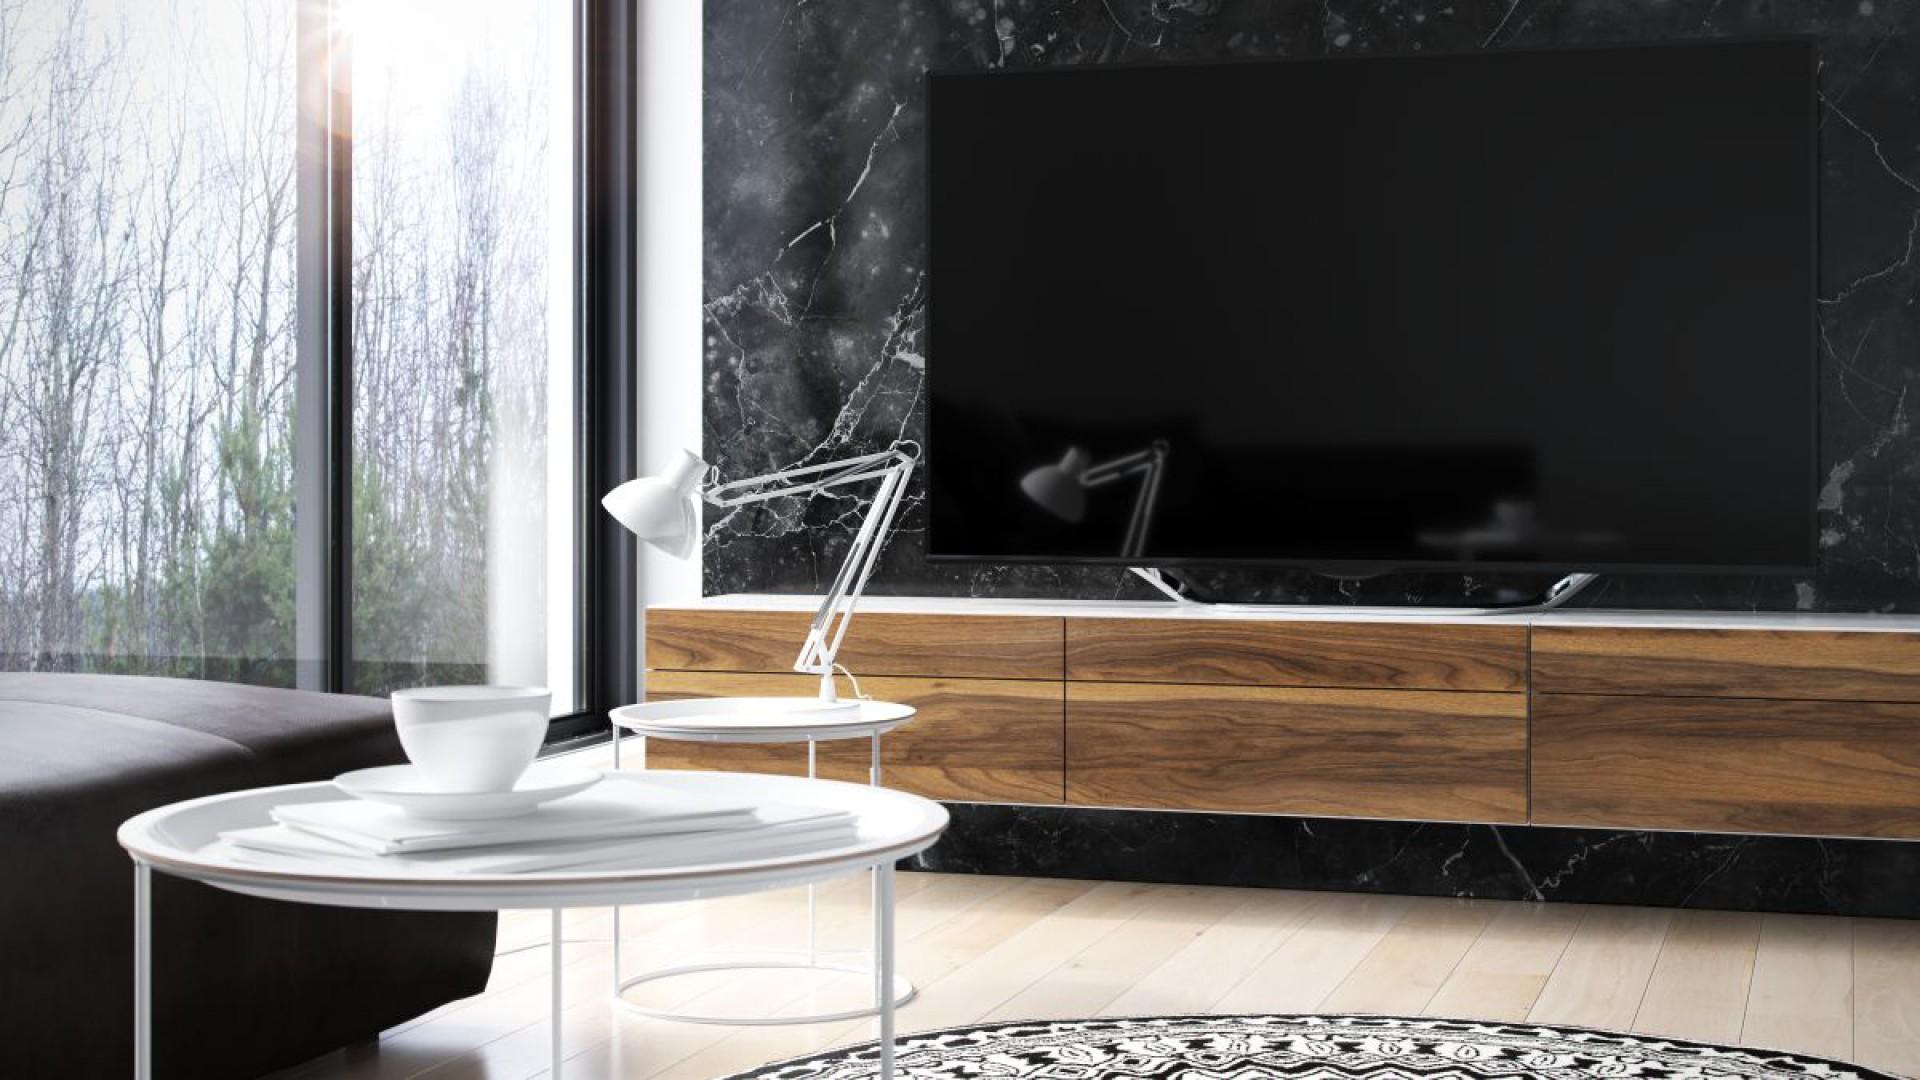 Meble wykończone dekorami orzechowymi zwykle trafiają do wnętrz zaaranżowanych w stylu klasycznej elegancji. Na zdjęciu: Noce Nuoro firmy Impress Decor. Fot. Impress Decor